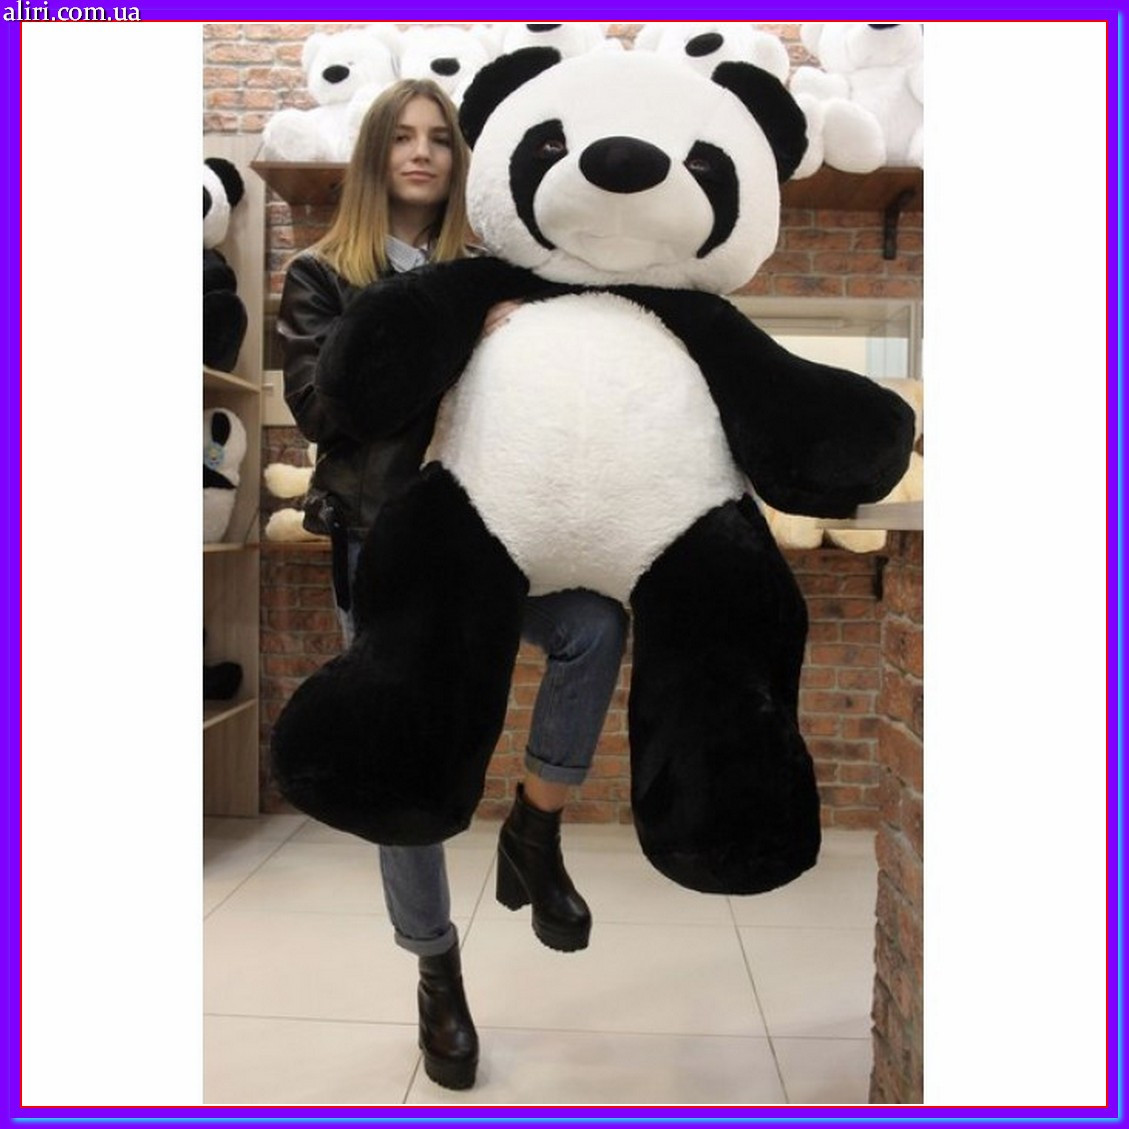 Оригинальная мягкая игрушка панда 135 см